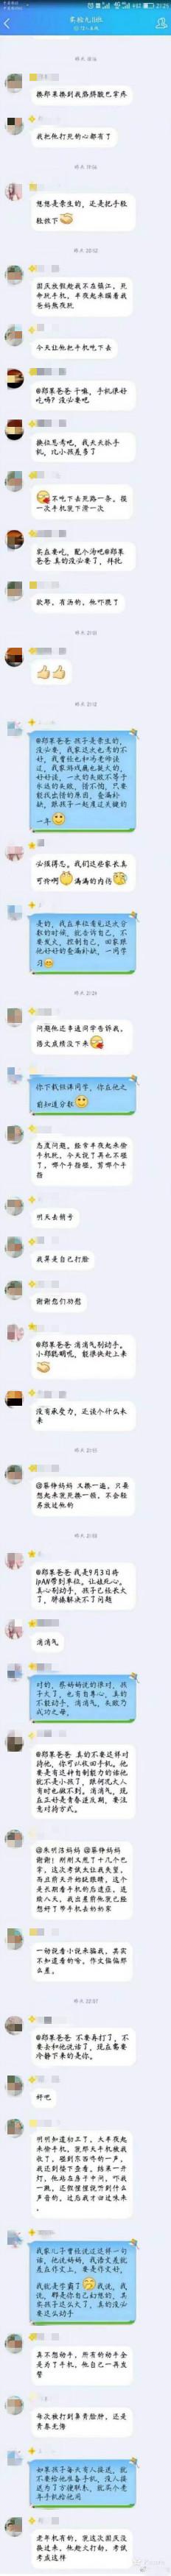 """网传截图显示,名为""""郑某爸爸""""的家长称""""我把他打死的心都有了""""。图片来源:网络"""